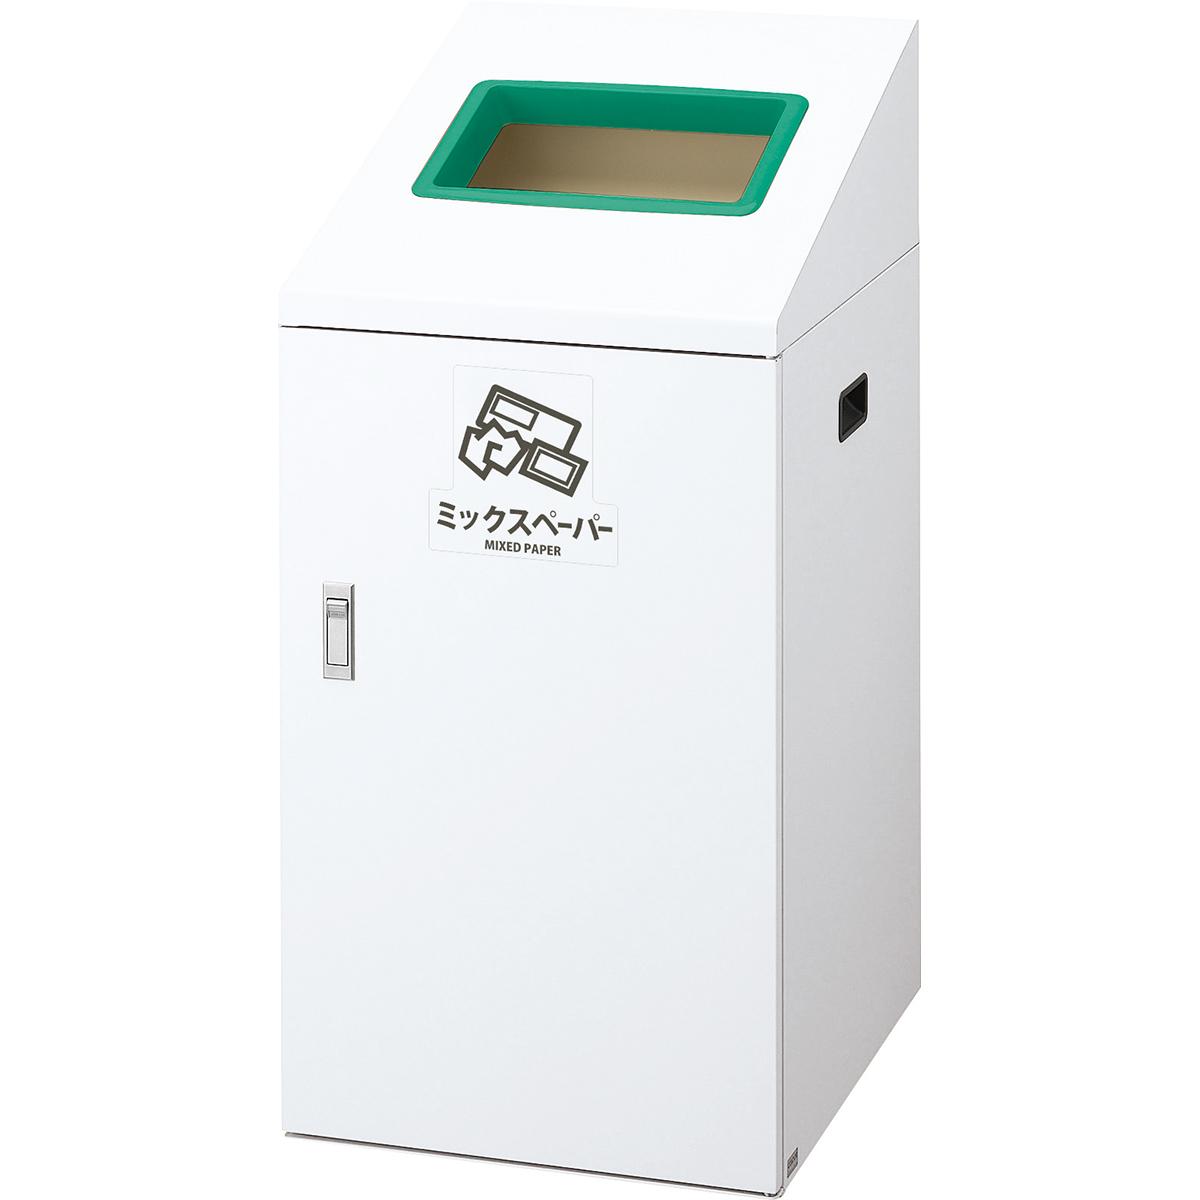 山崎産業 リサイクルボックス TI-90 90L 再利用紙/G(緑) (代引不可) YW-422L-ID